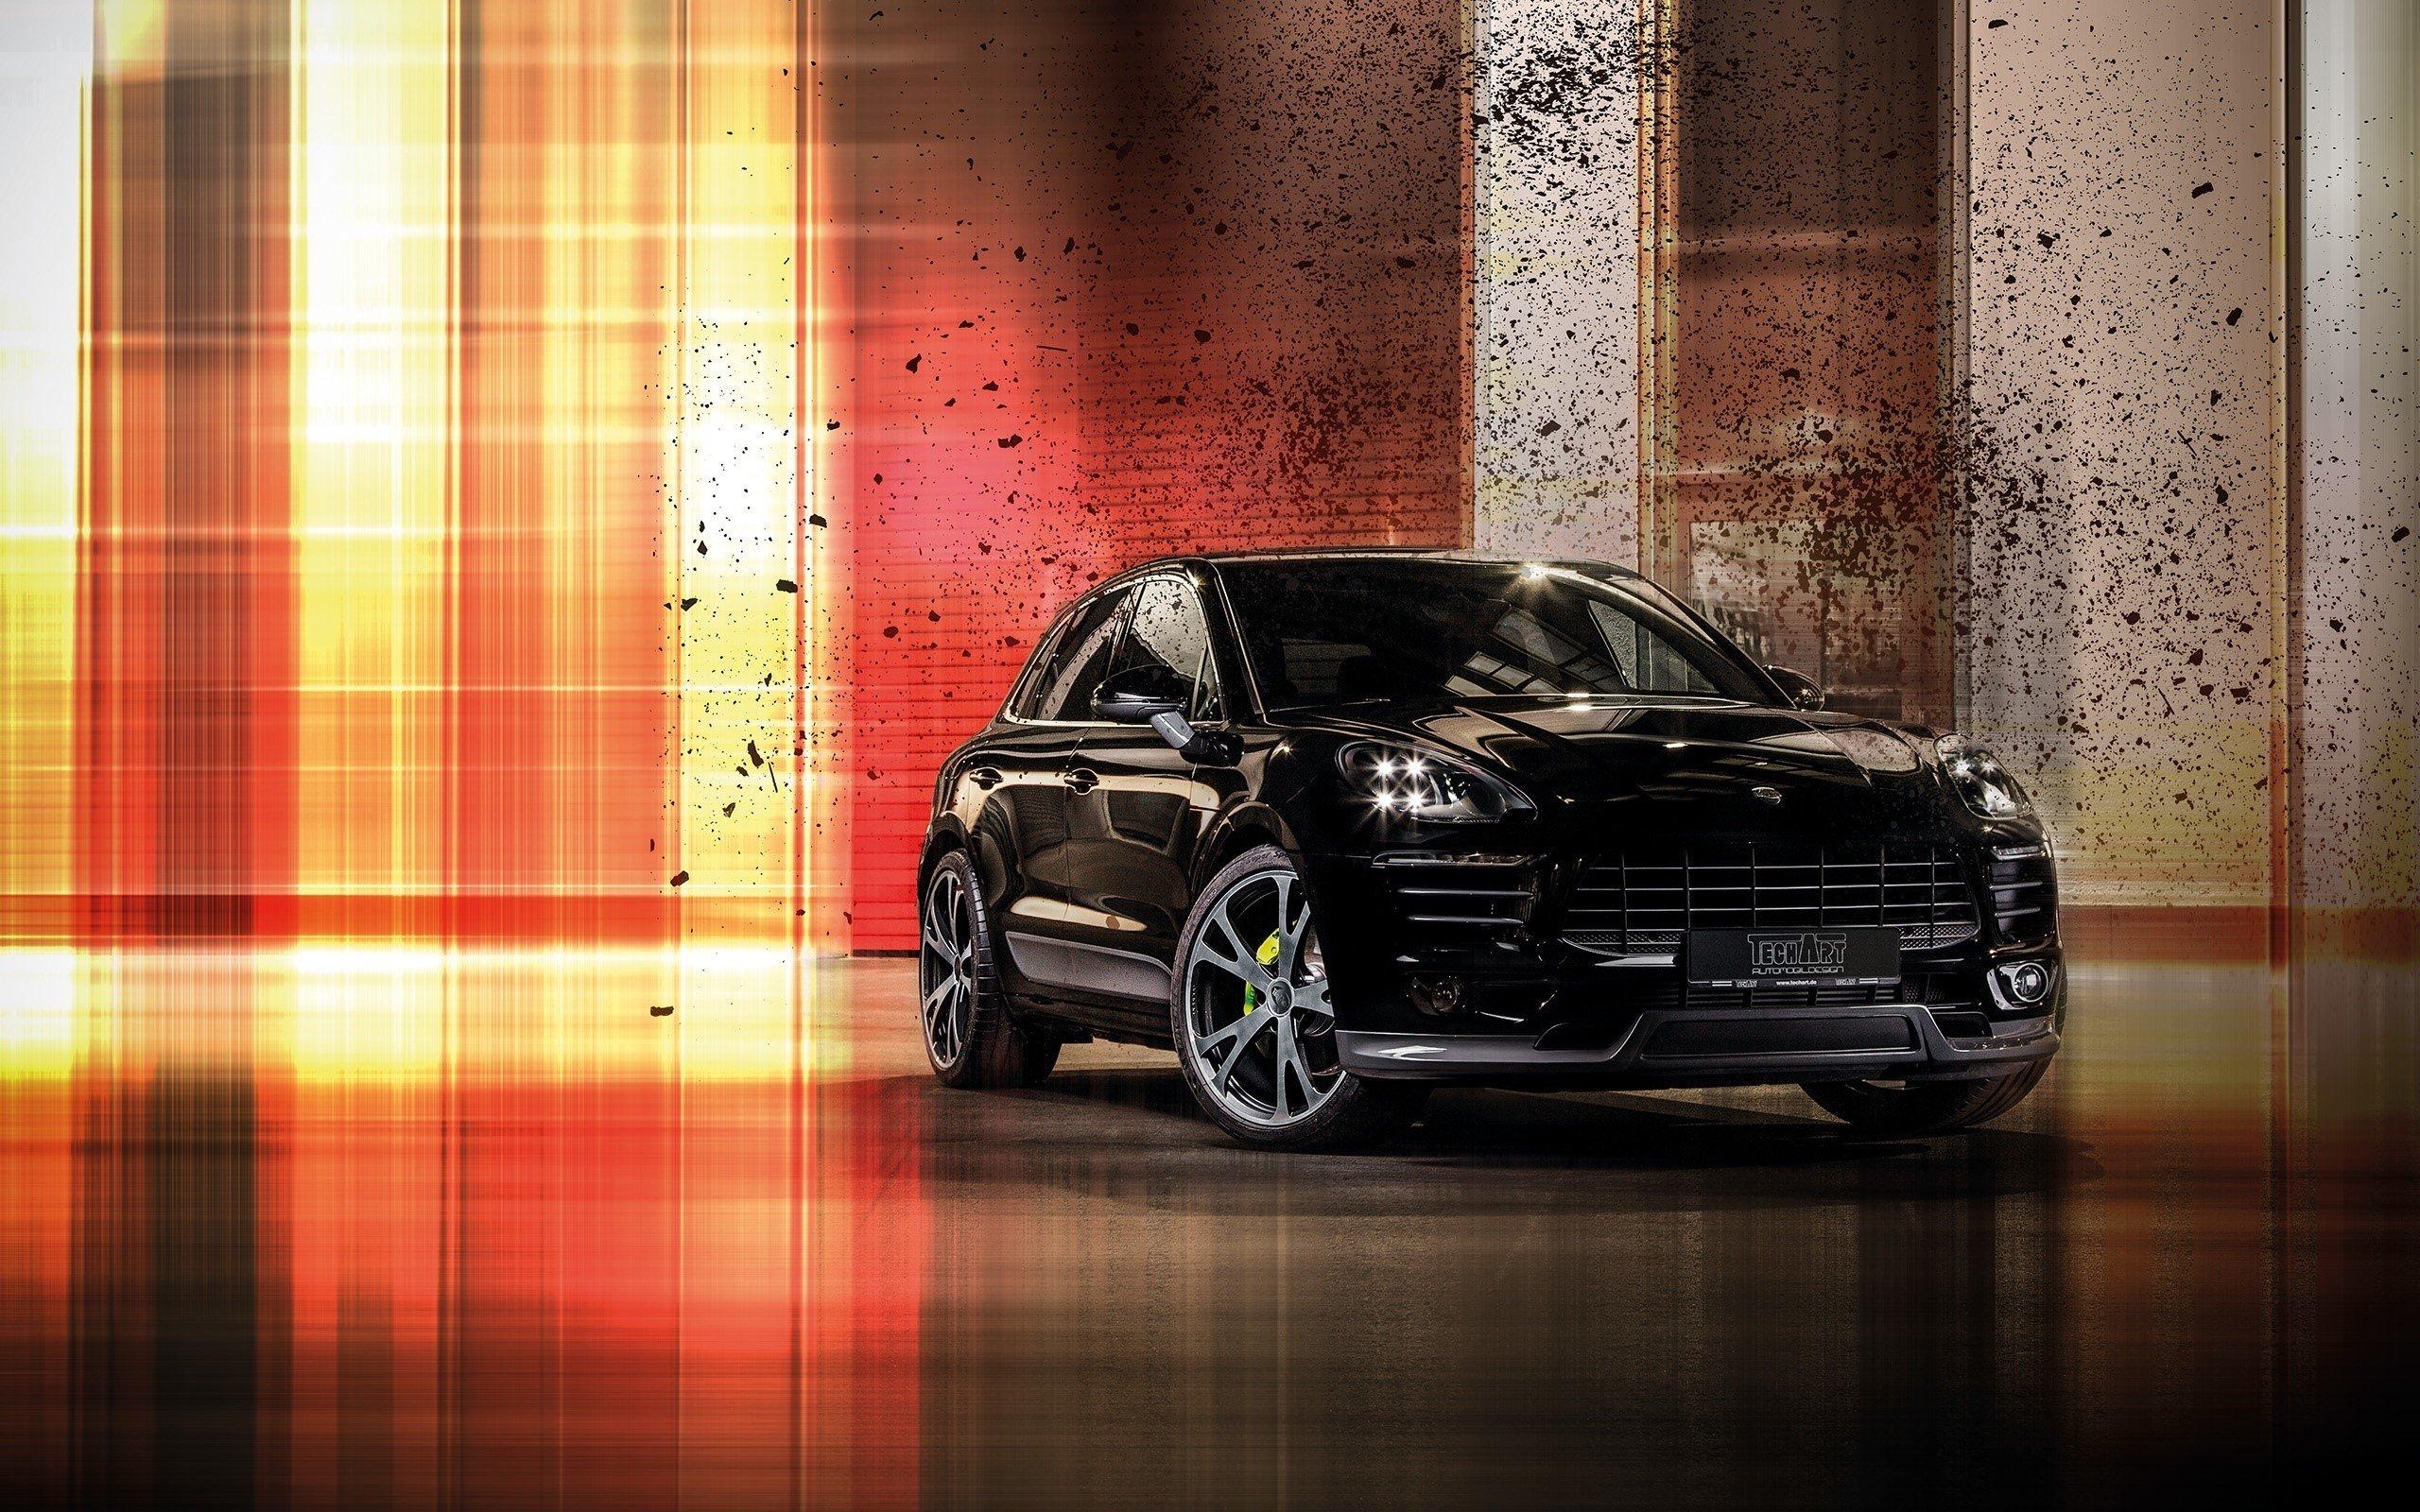 Fondo de pantalla de Porsche Macan negro Imágenes